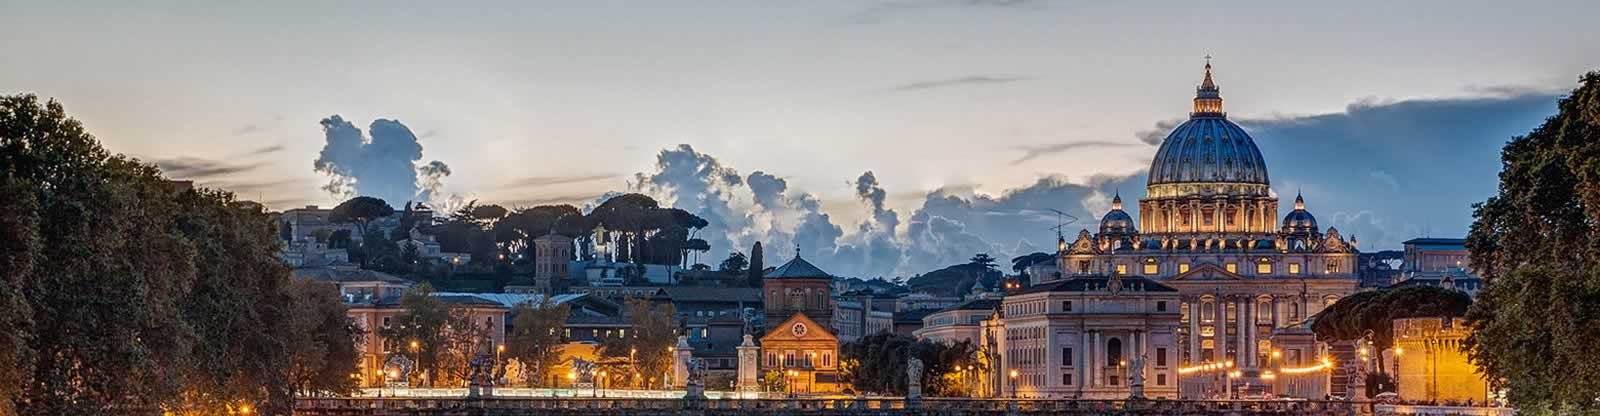 Qibla Slider 5' Room-Italy